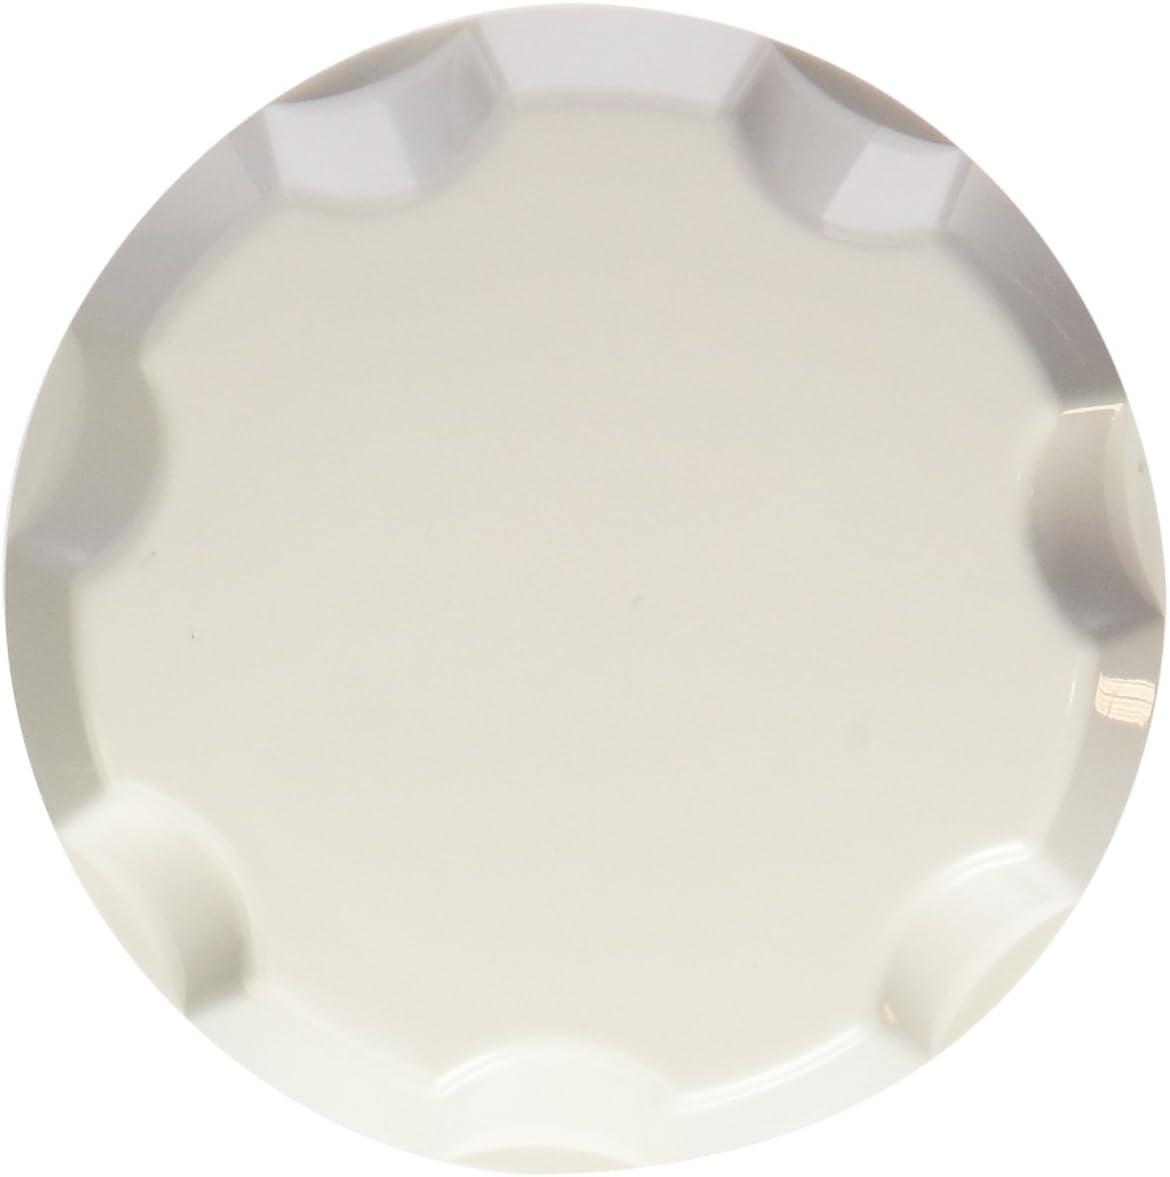 Thetford 92905 Water Fill Cap 320 550 Porta for Potti Max 90% OFF Max 44% OFF